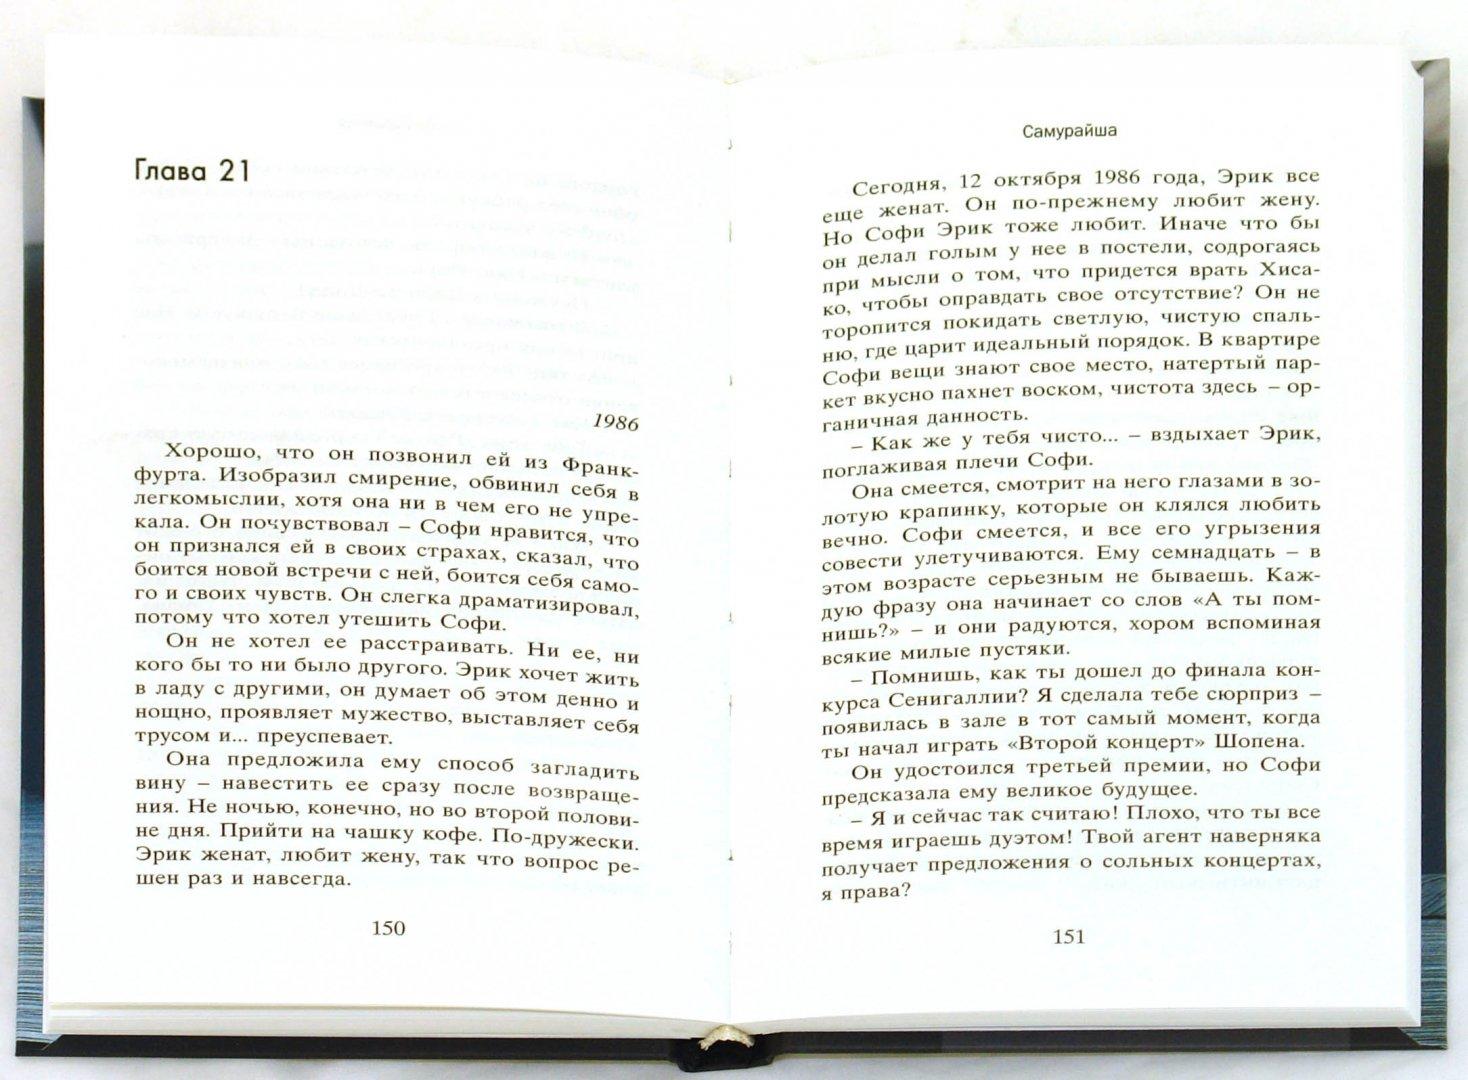 Иллюстрация 1 из 2 для Самурайша - Ариэль Бюто   Лабиринт - книги. Источник: Лабиринт